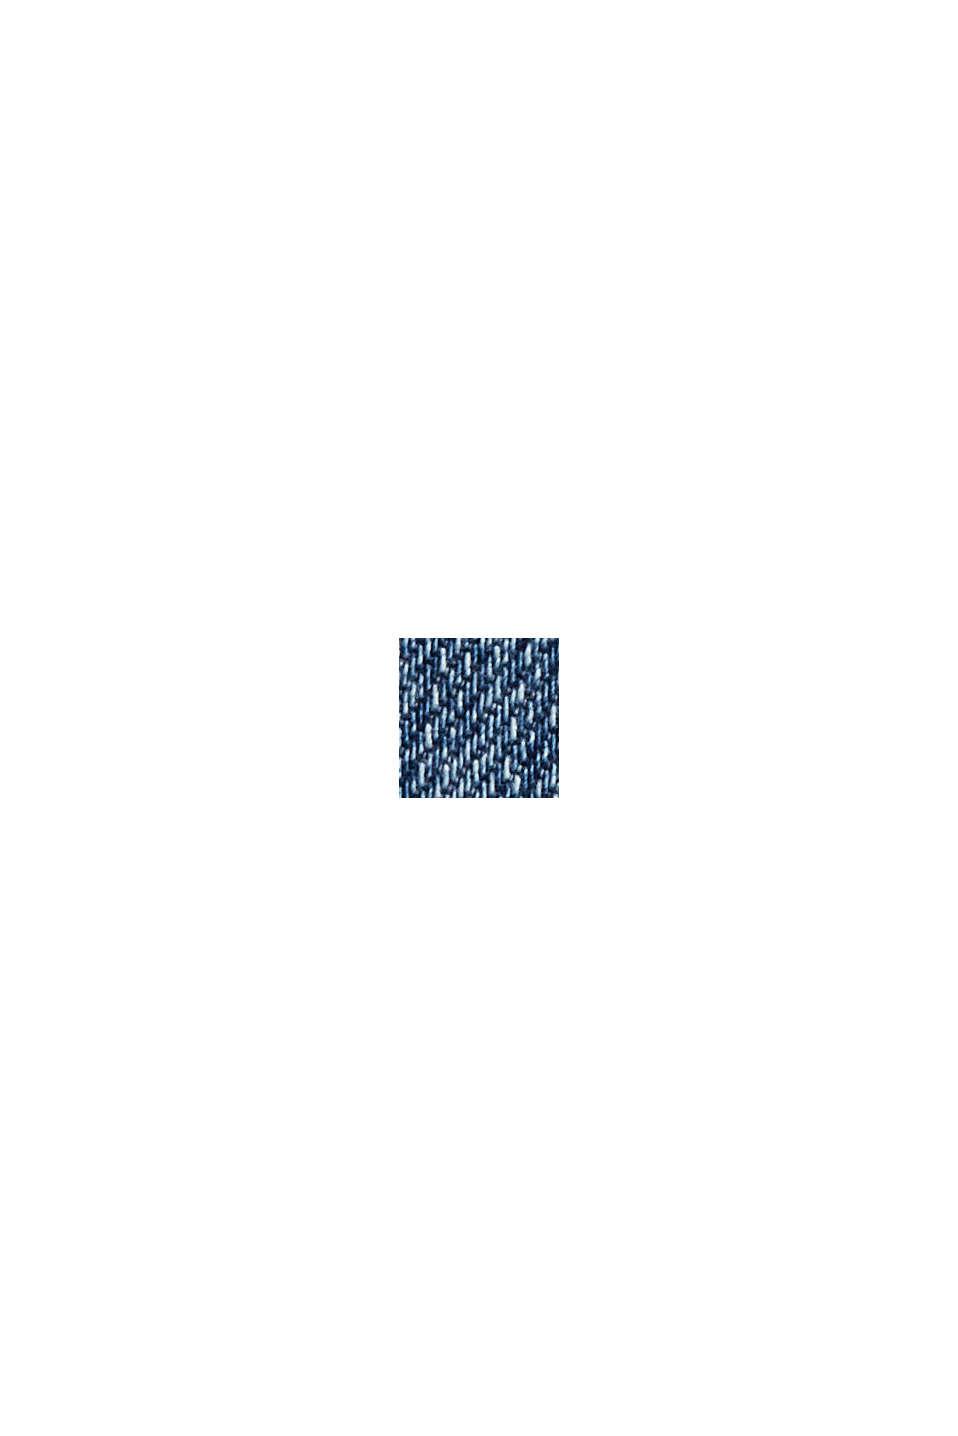 Trendjeans med læg under linningen, økobomuld, BLUE MEDIUM WASHED, swatch